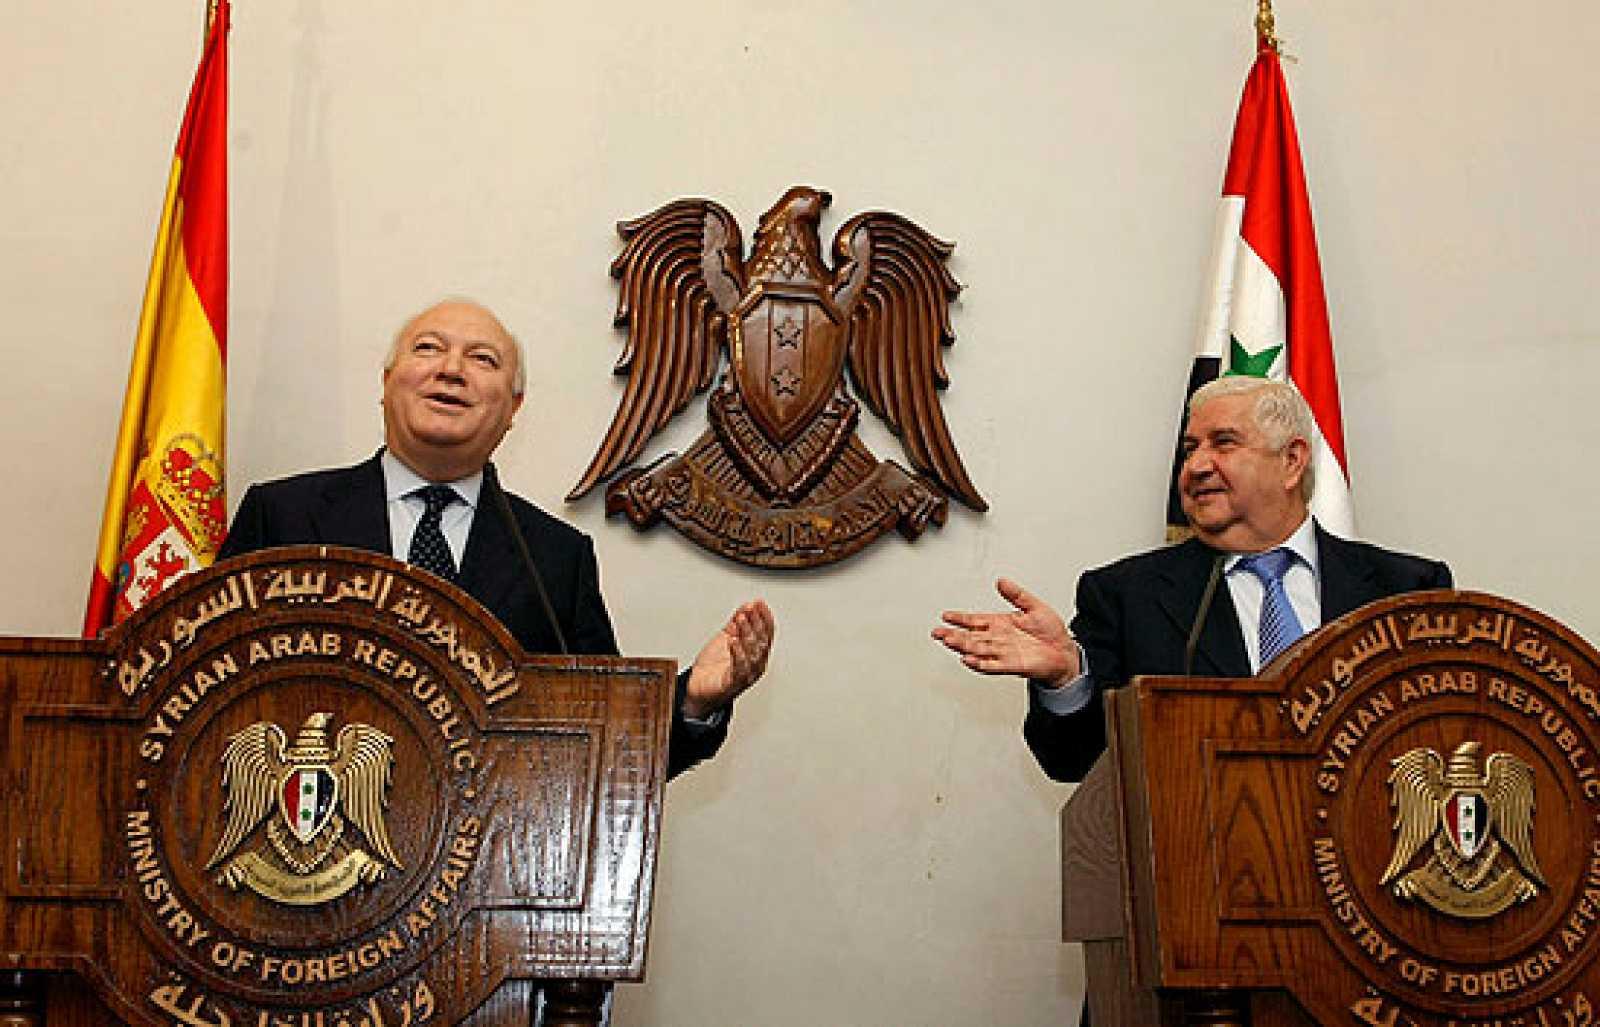 El ministro de Exteriores, Miguel Ángel Moratinos, se ha entrevistado con el presidente sirio, Bachad el Assad. Después, Moratinos ha viajado a Israel y mañana volverá a Egipto.